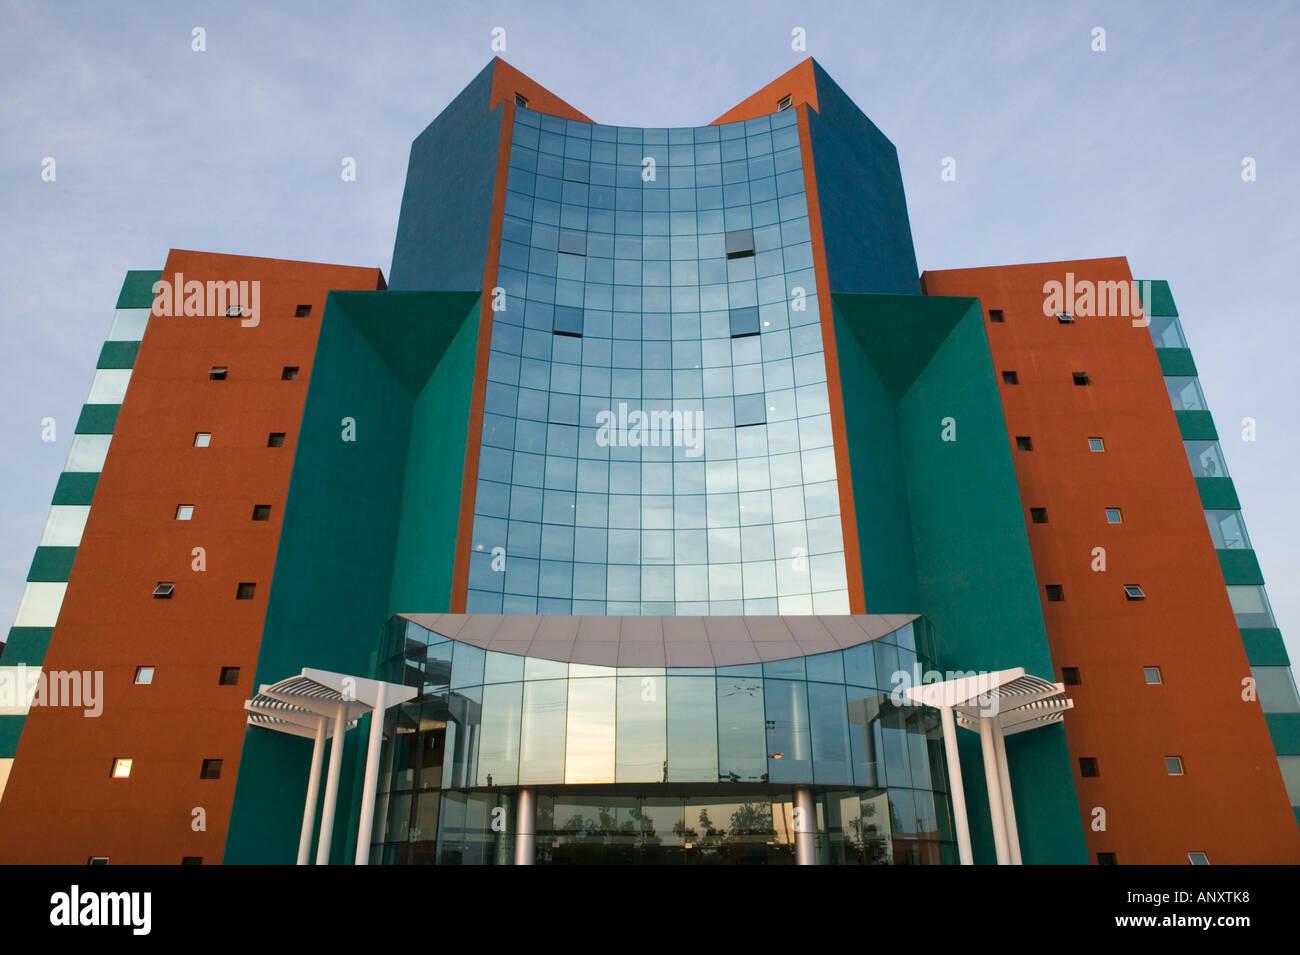 La India, Andhra Pradesh, Hyderabad. HITEC CITY, centro importante de la industria de Call Center Software Indio Imagen De Stock